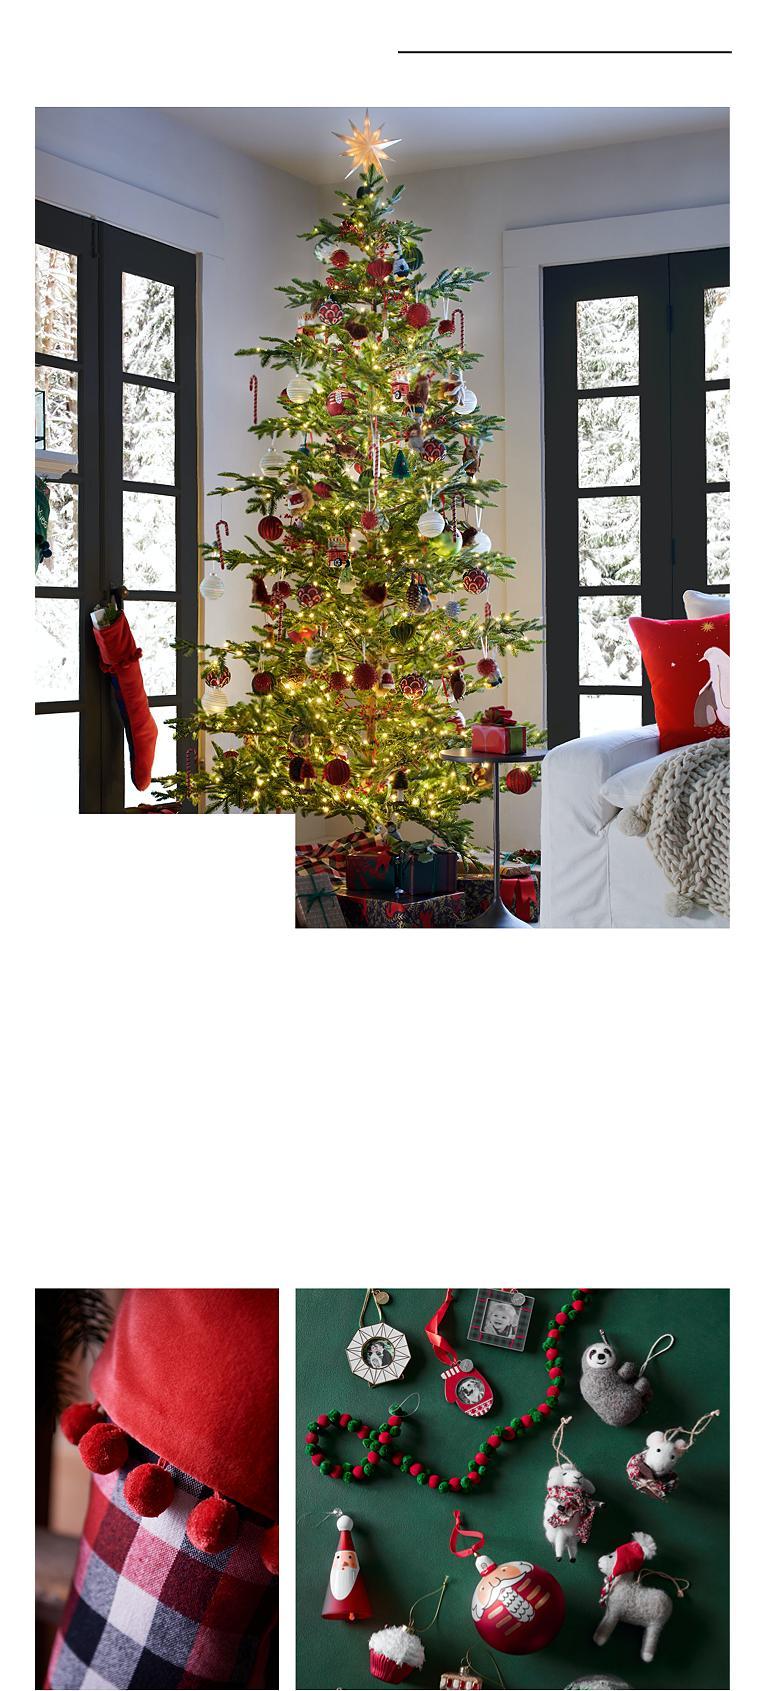 Crate And Barrel Christmas Decorations  from images.crateandbarrel.com